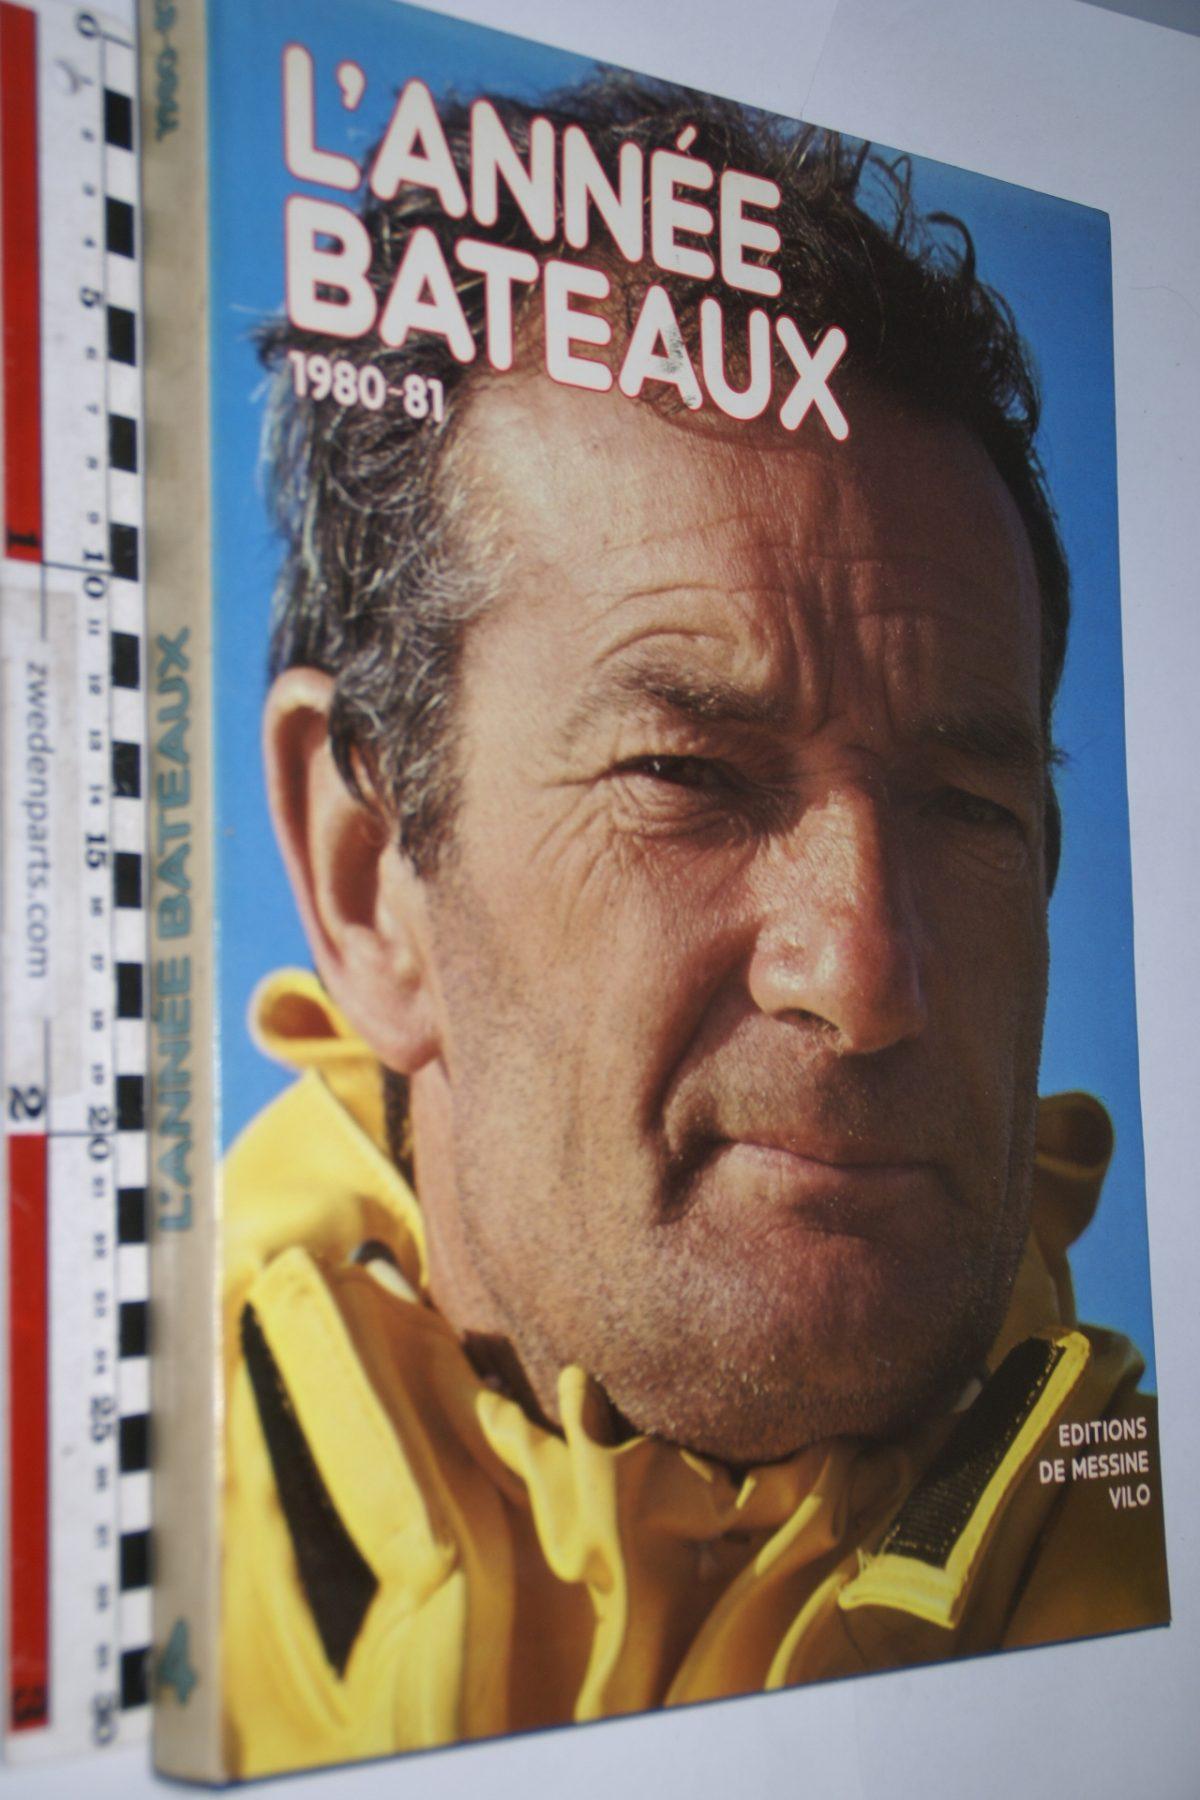 DSC06959 1980-81 boek l'Année Bateaux ISBN 286409004